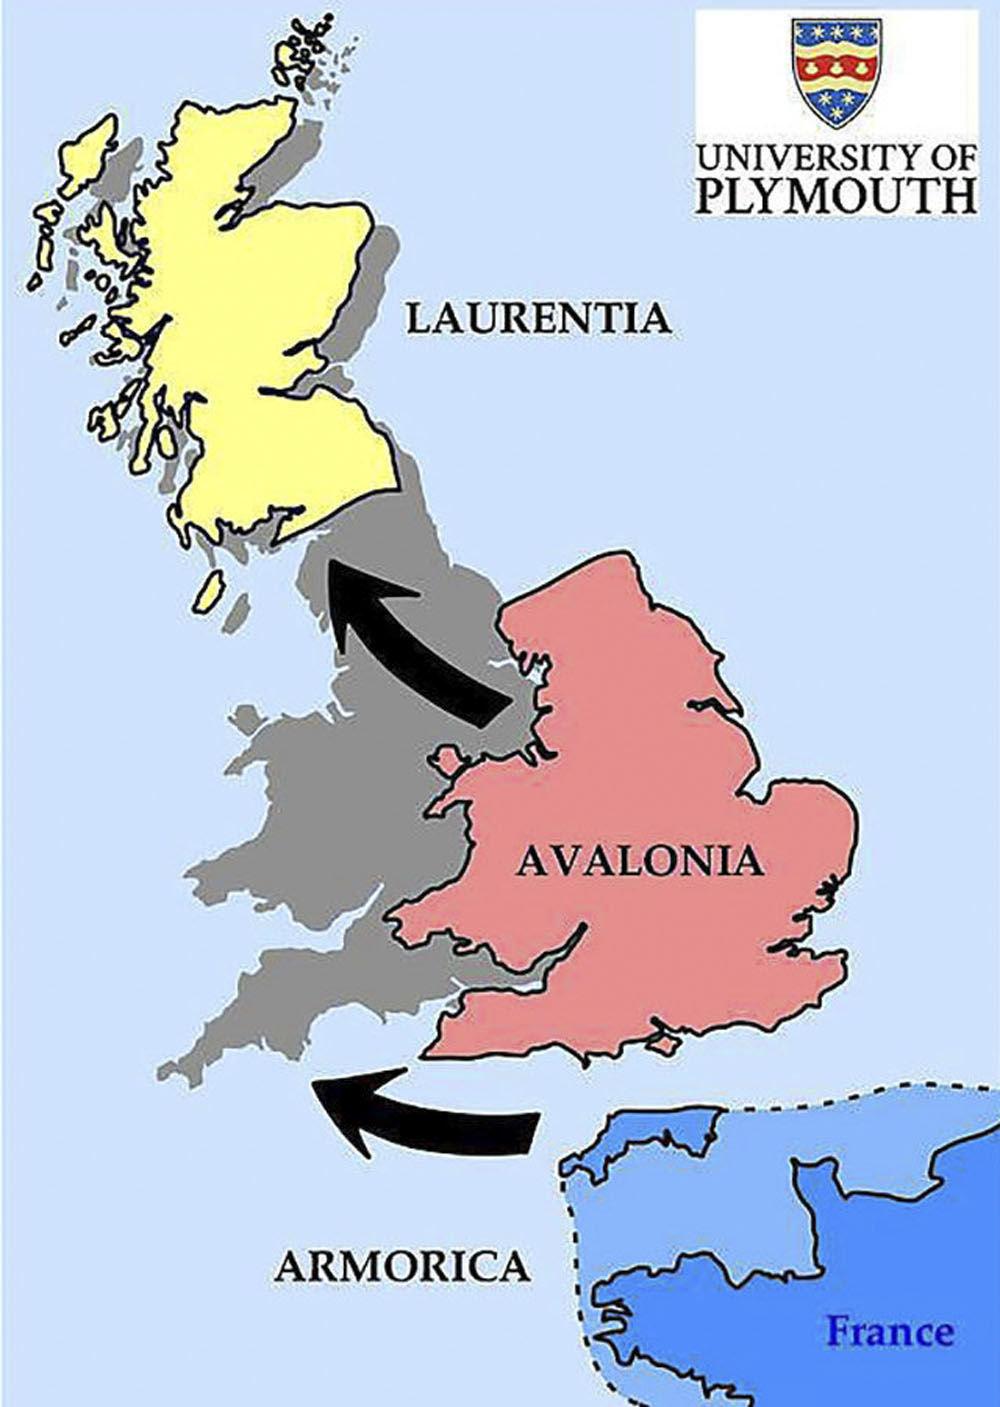 خريطة اندماج الجزر البريطانية بمشاركة 3 قارات صغيرة